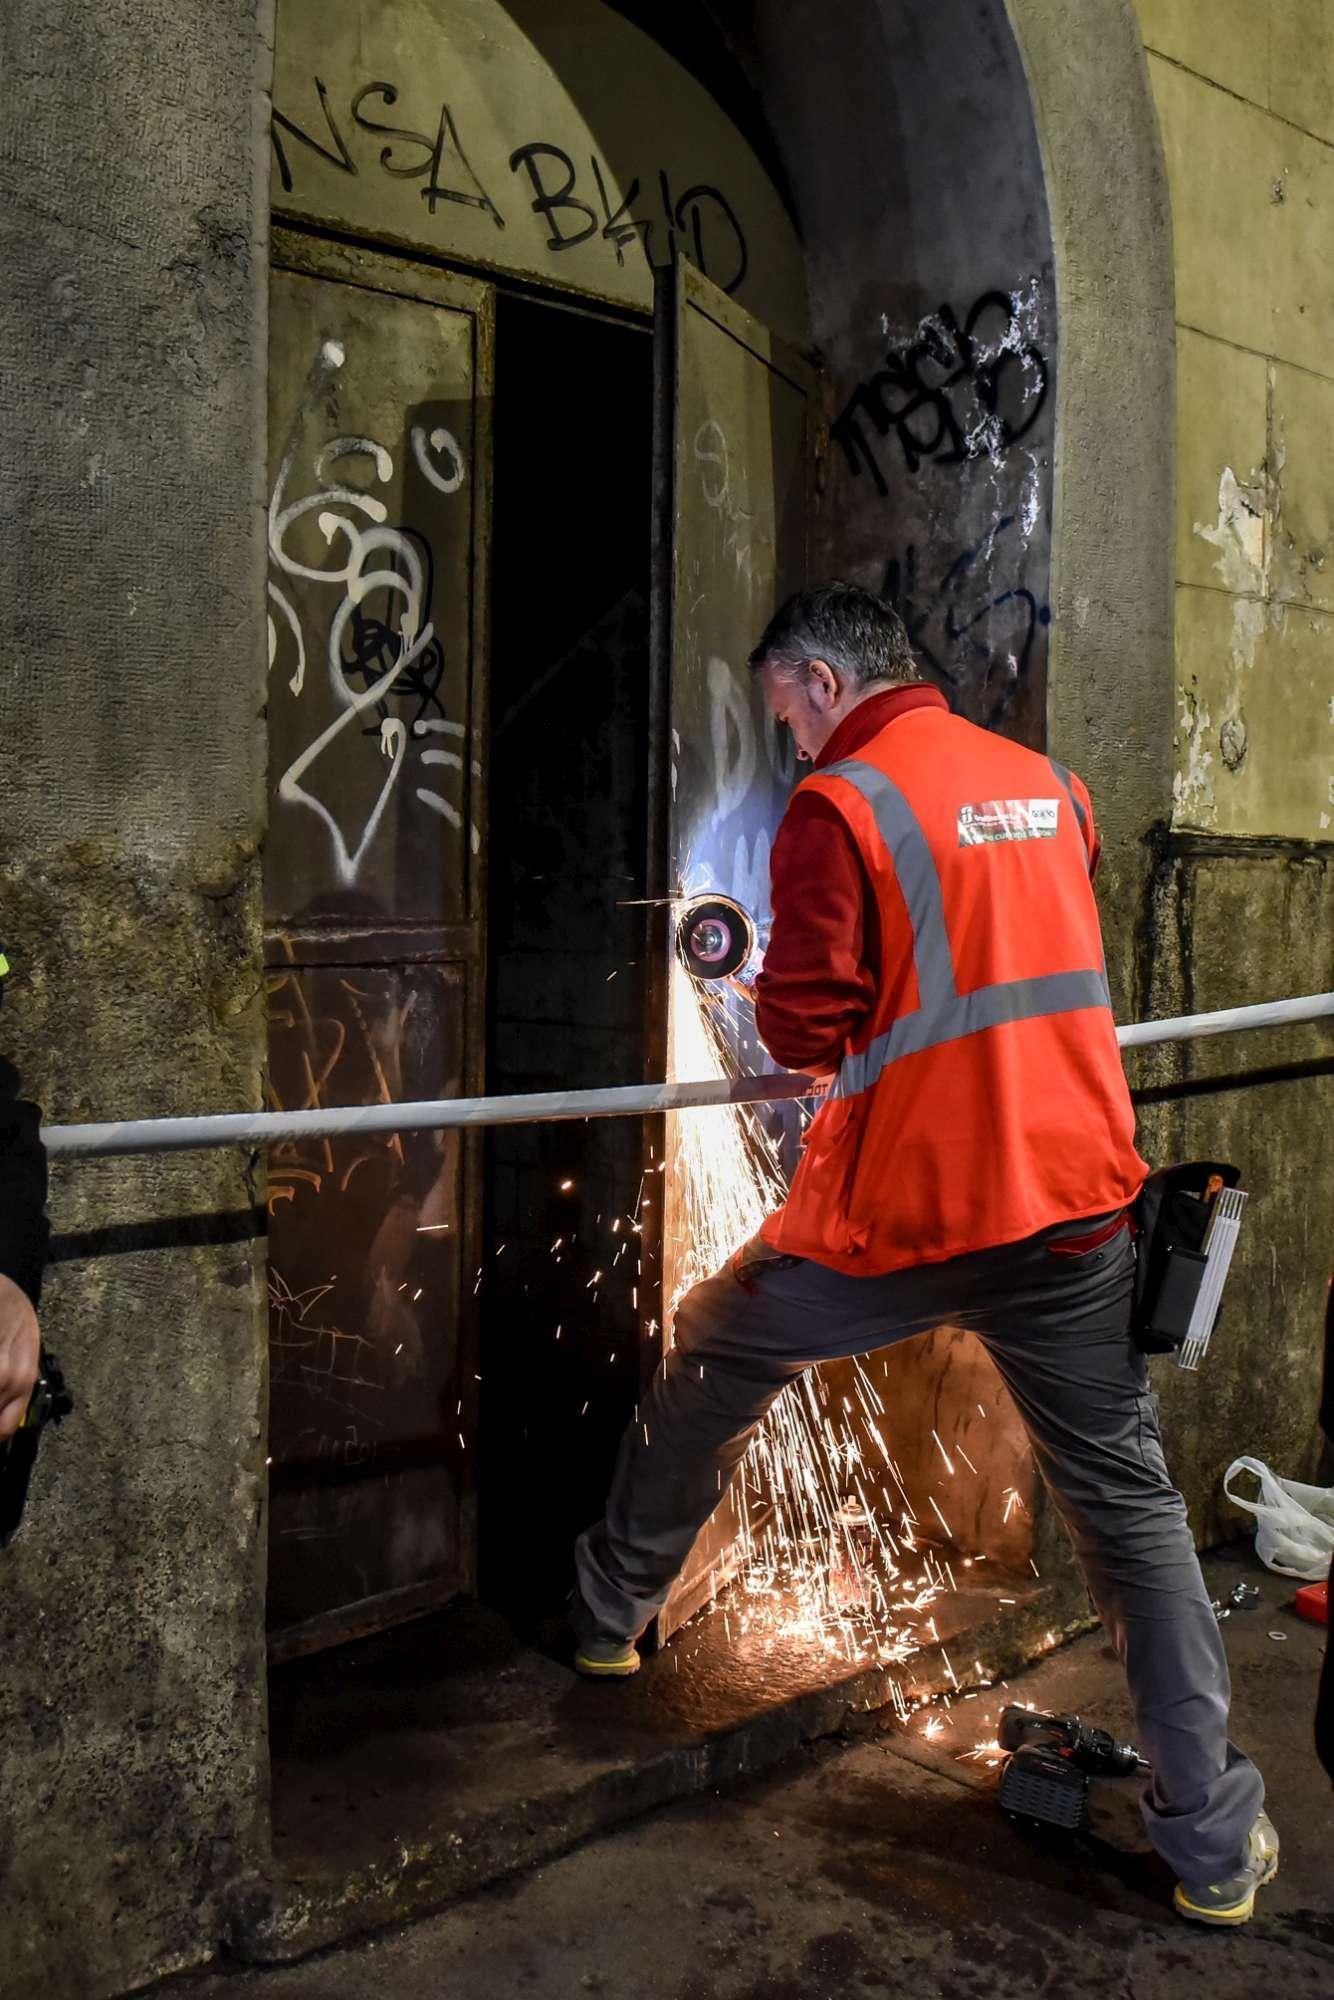 Milano, ritrovato scheletro in un deposito in disuso